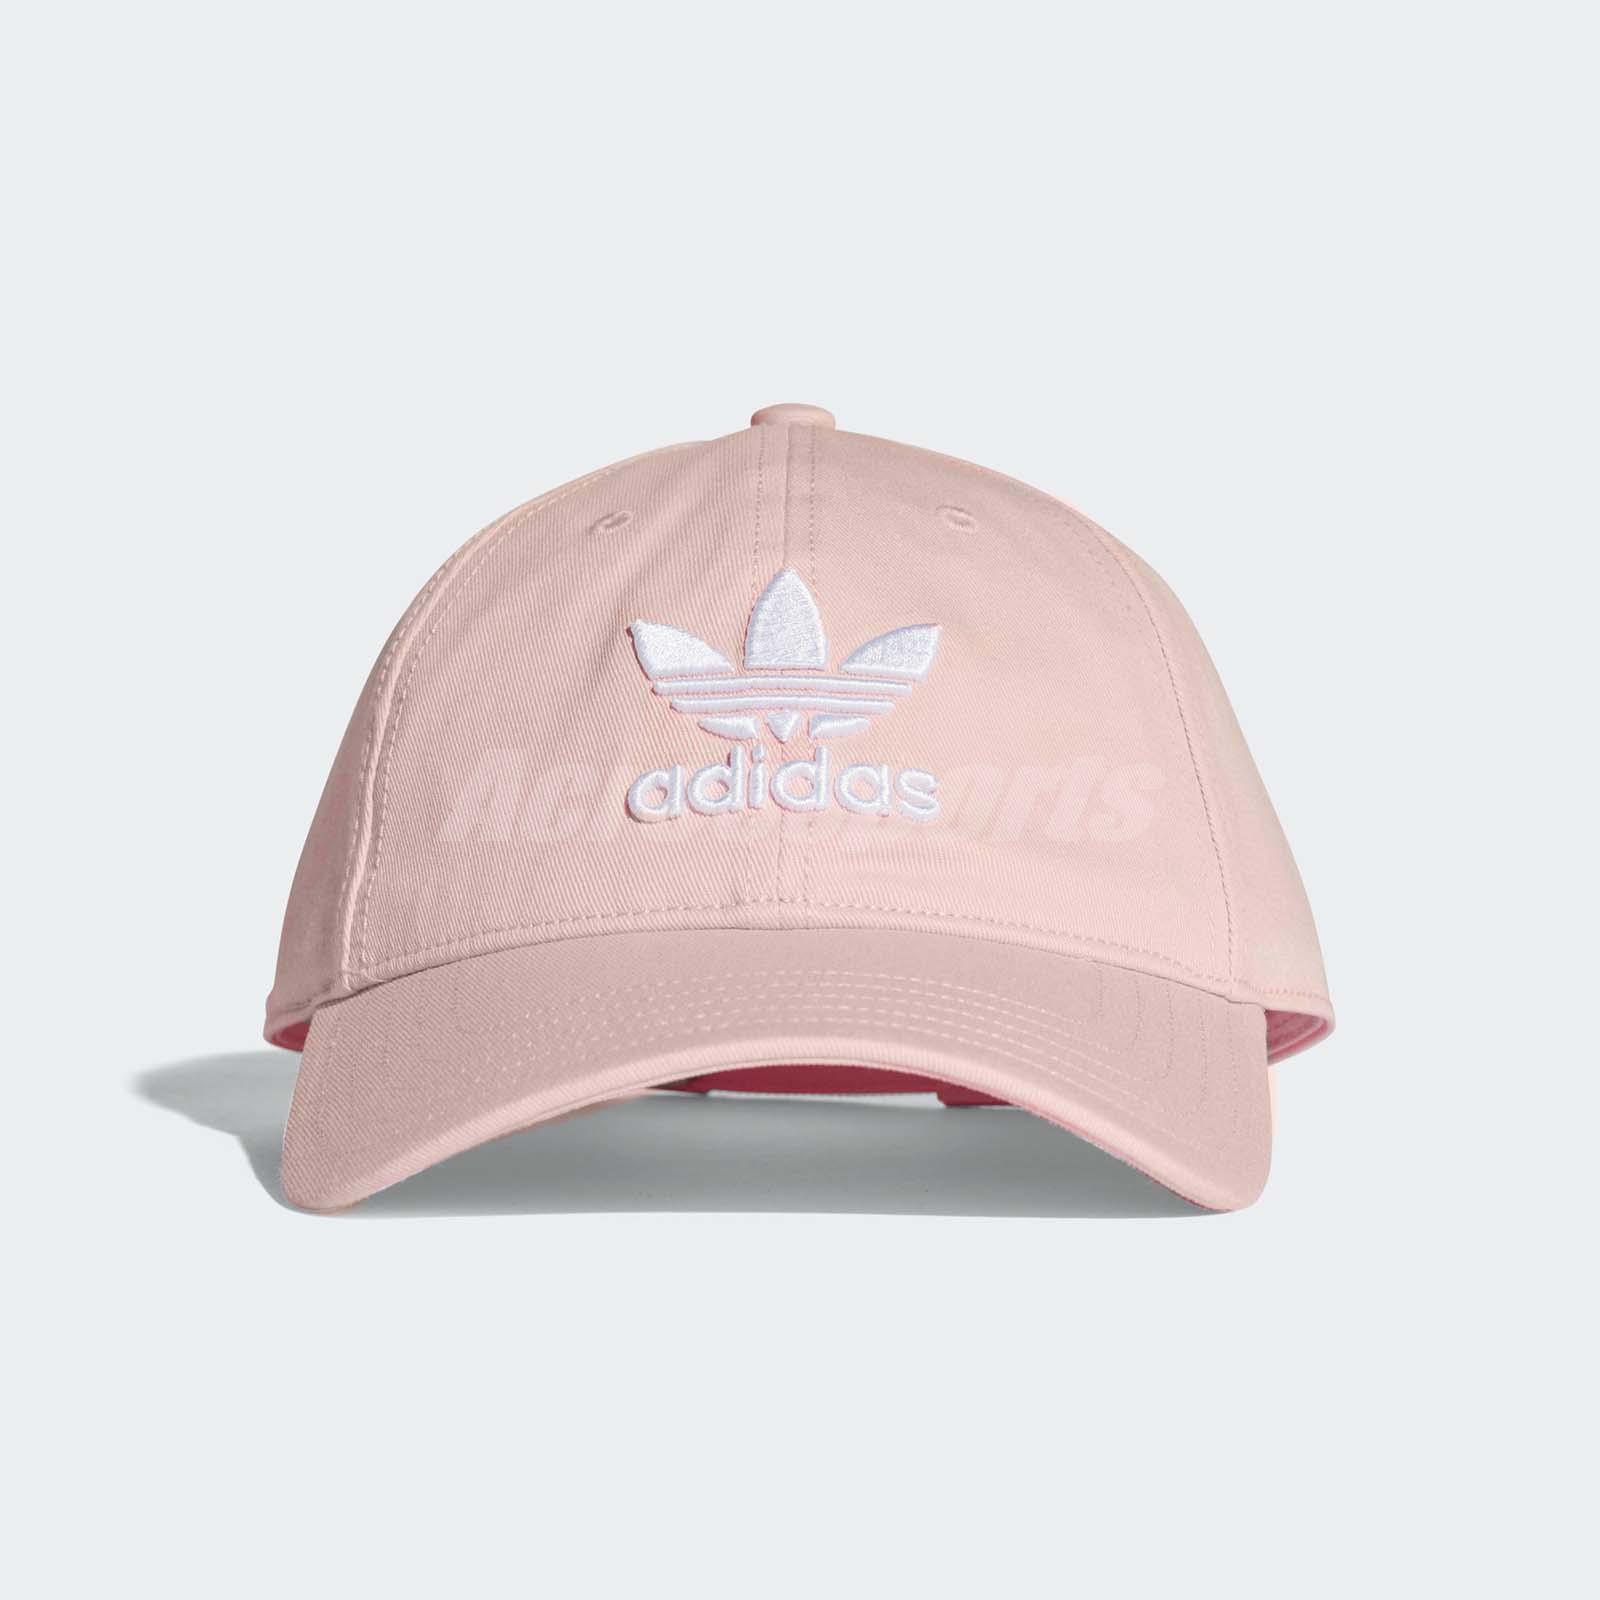 61dd0123f21d9 adidas Unisex Originals Trefoil Classic Cap Pink Sport Baseball Hat CV8143